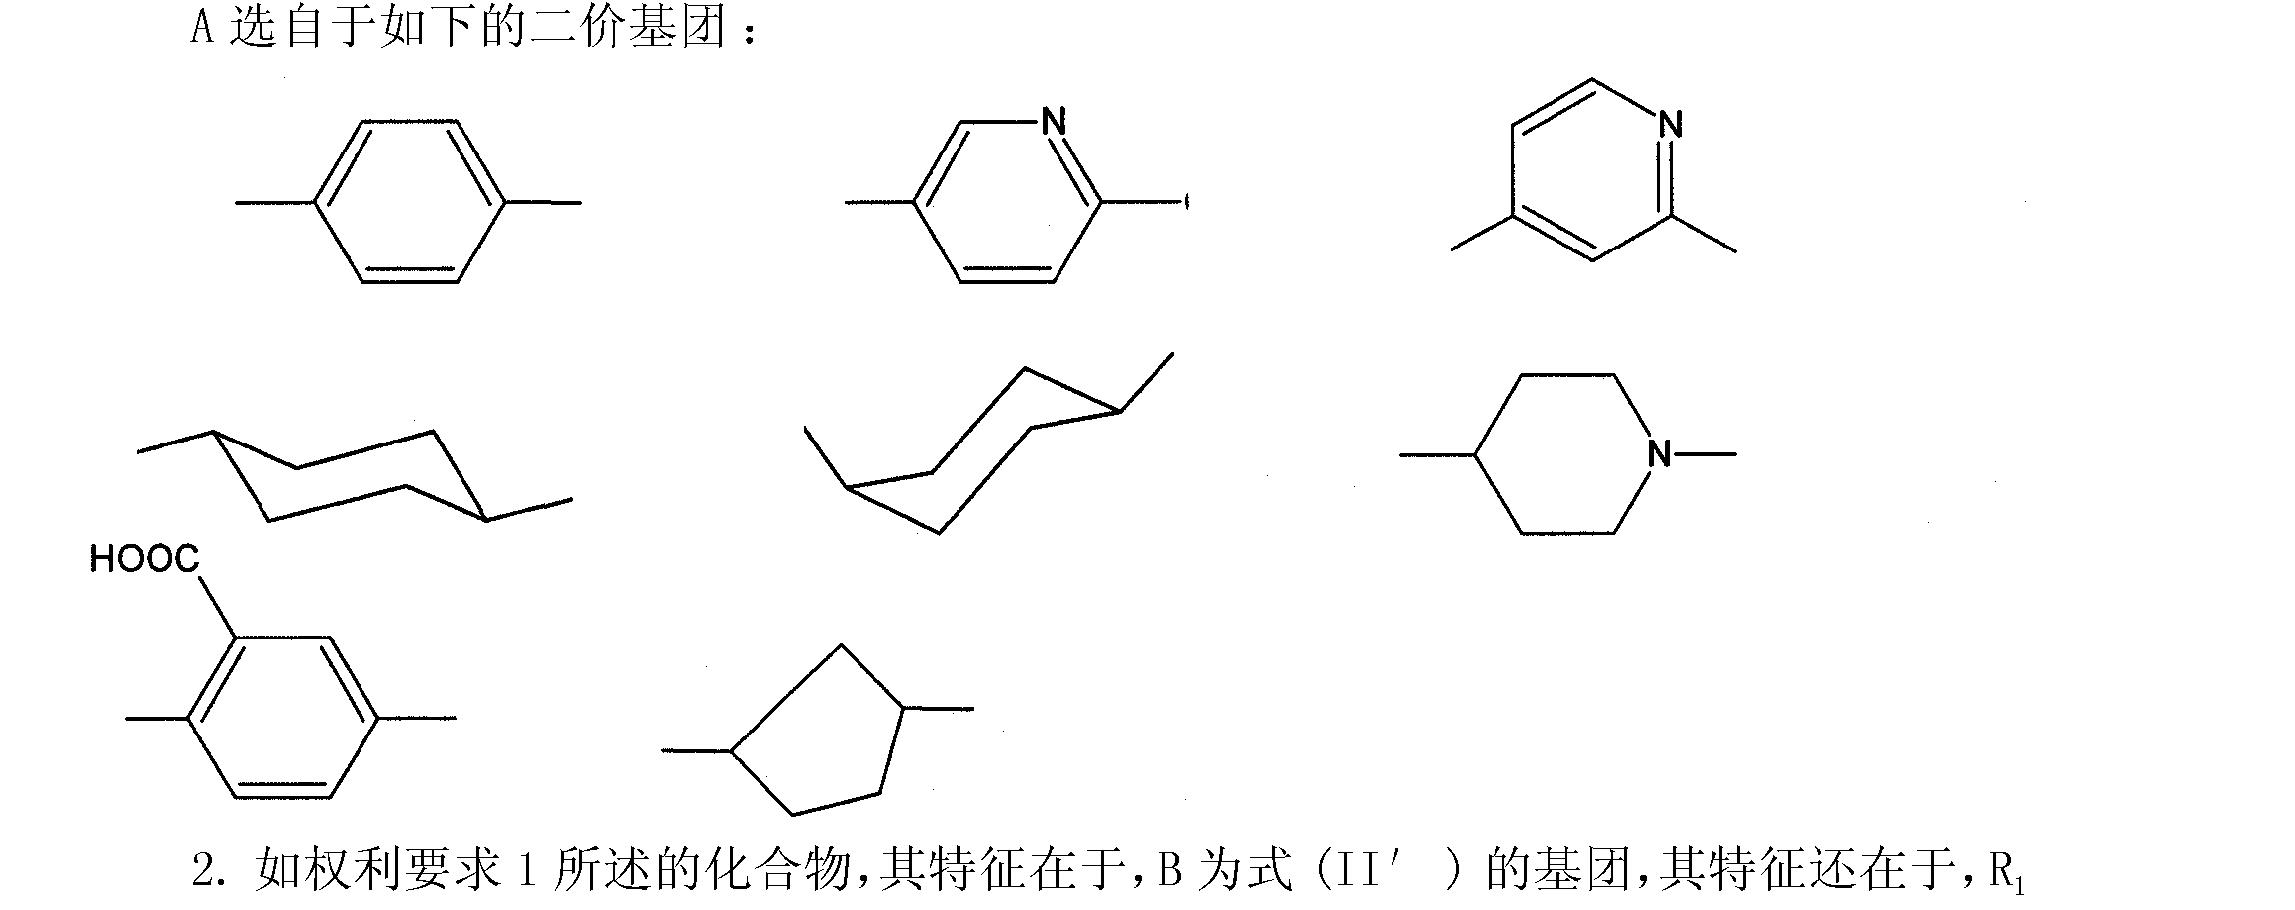 专利cn102245580a - o sup>6 /sup>-烷基鸟嘌呤-dna